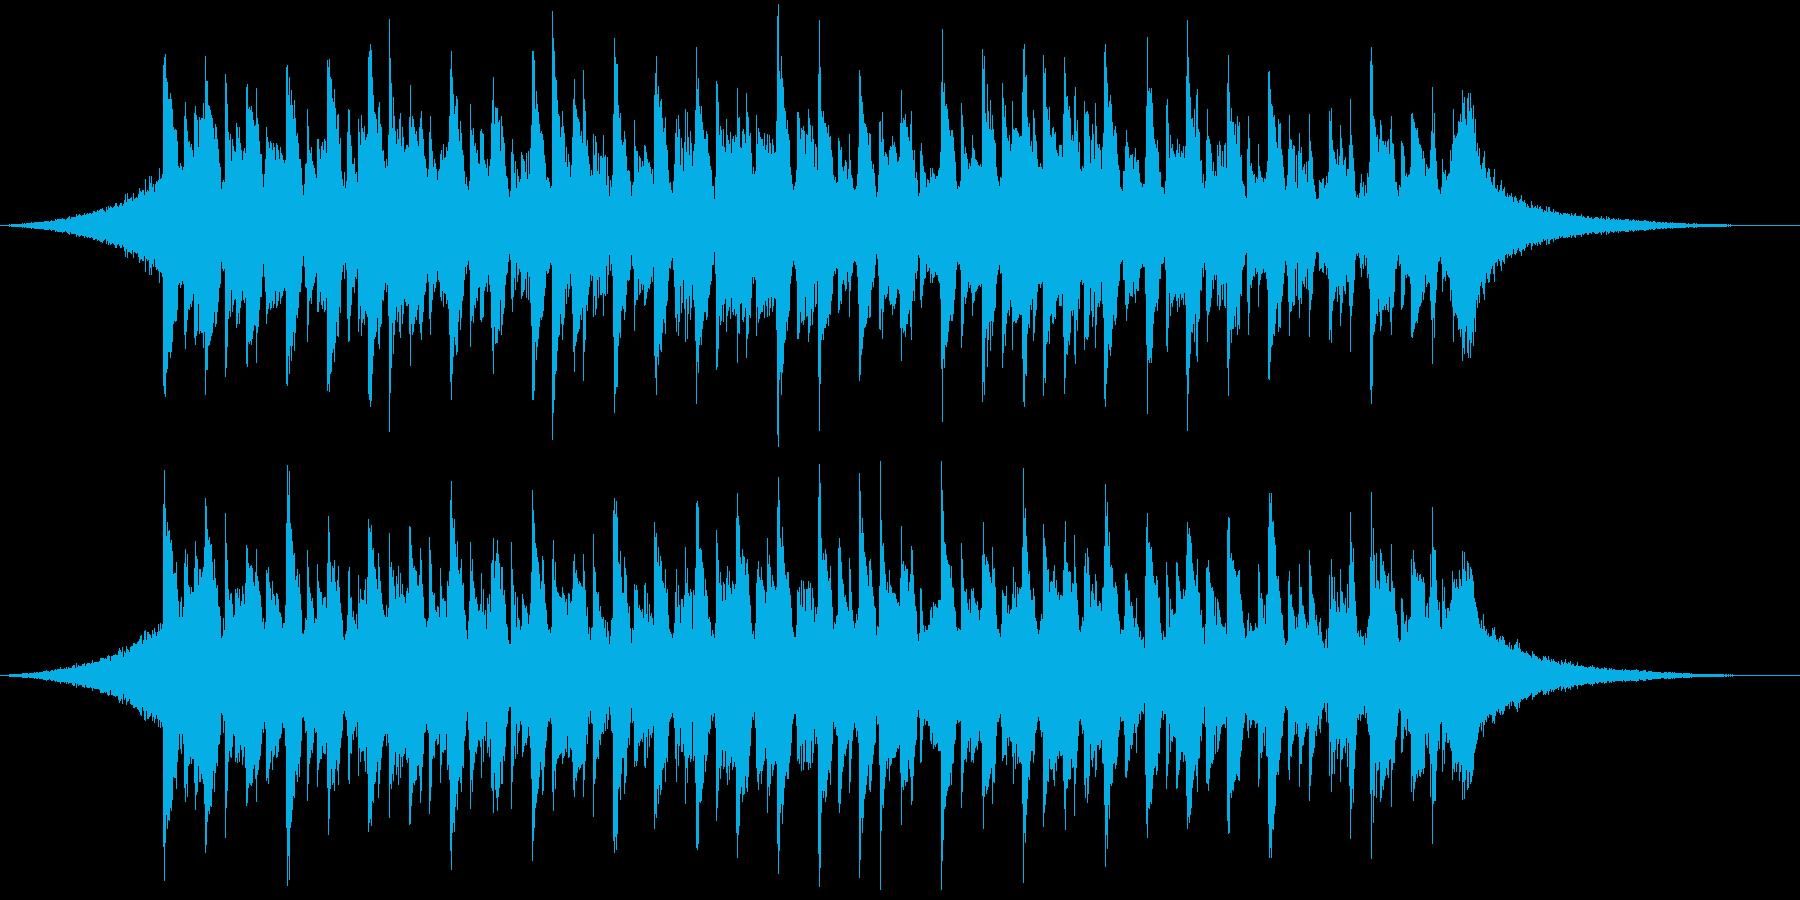 企業VP系54、シンプル、シンセ、爽快cの再生済みの波形